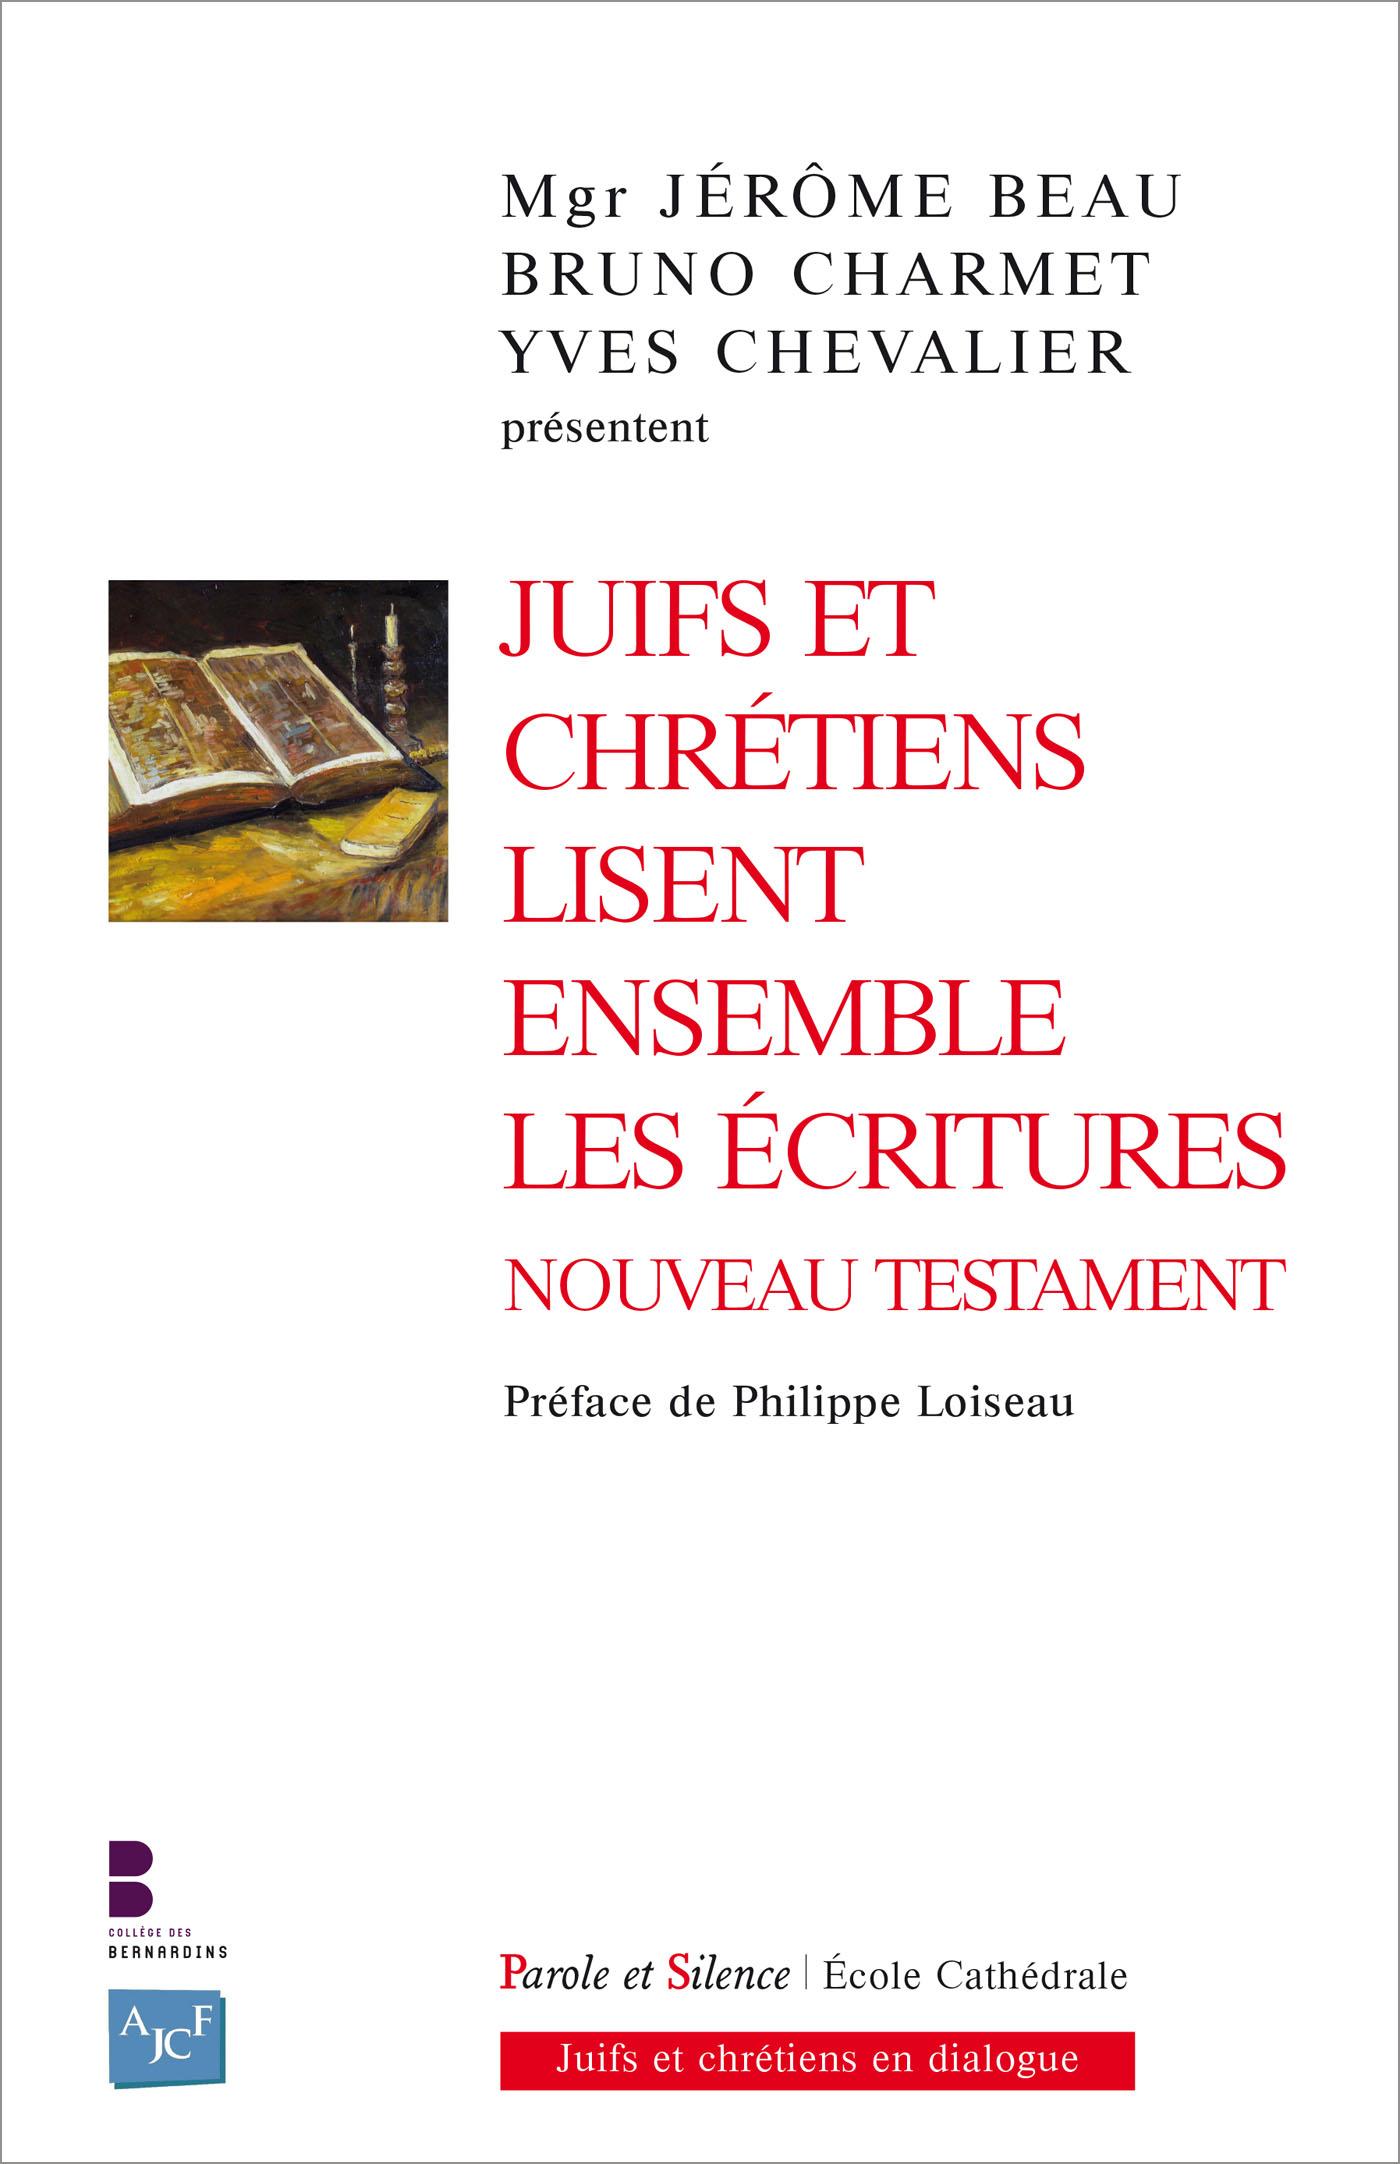 Juifs et chrétiens lisent ensemble les Écritures - Nouveau Testament